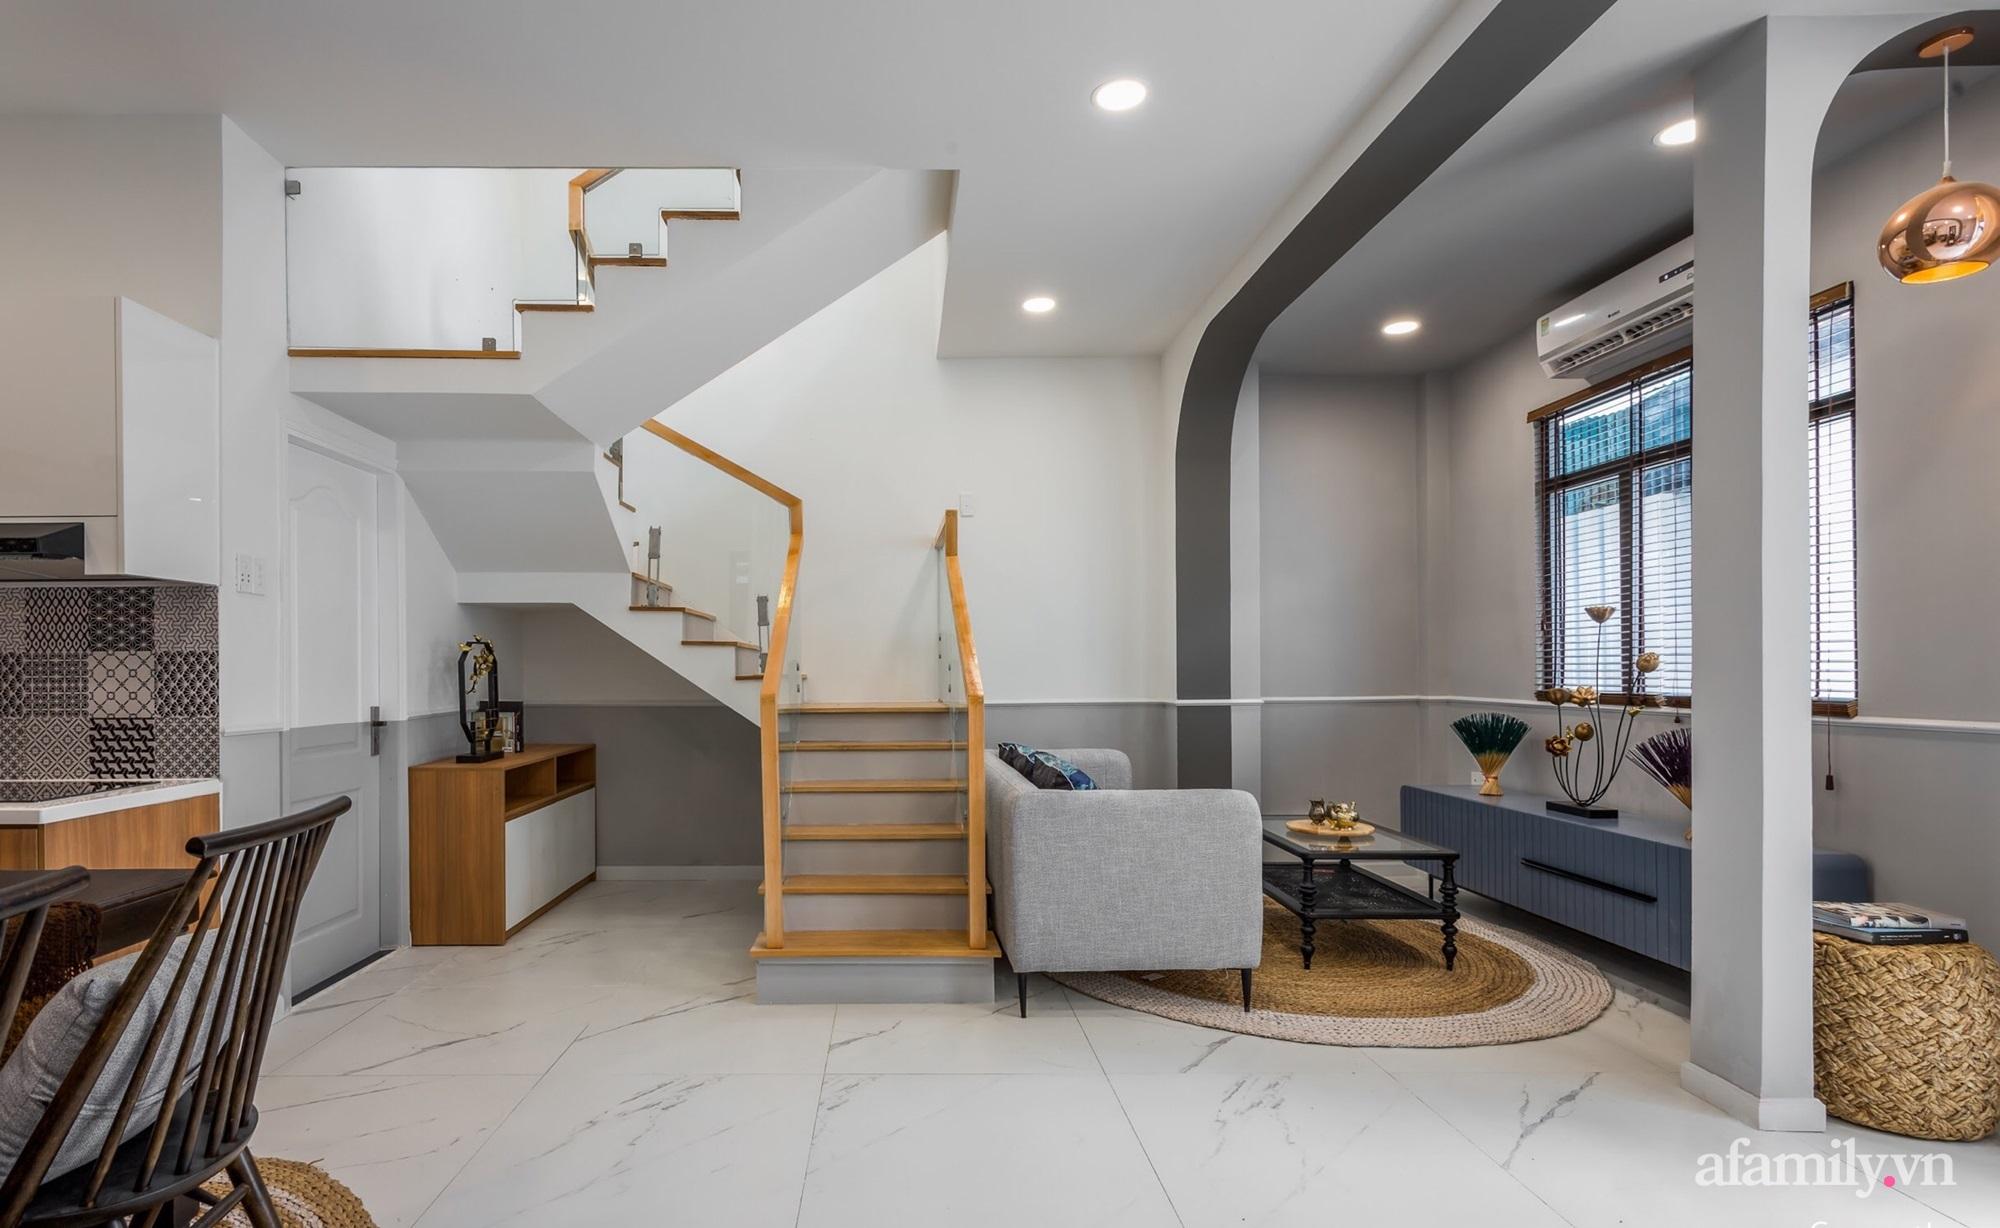 Căn nhà phố cũ kỹ rộng 80m² được cải tạo đẹp tiện nghi với gam màu sáng có chi phí 650 triệu đồng - Ảnh 9.